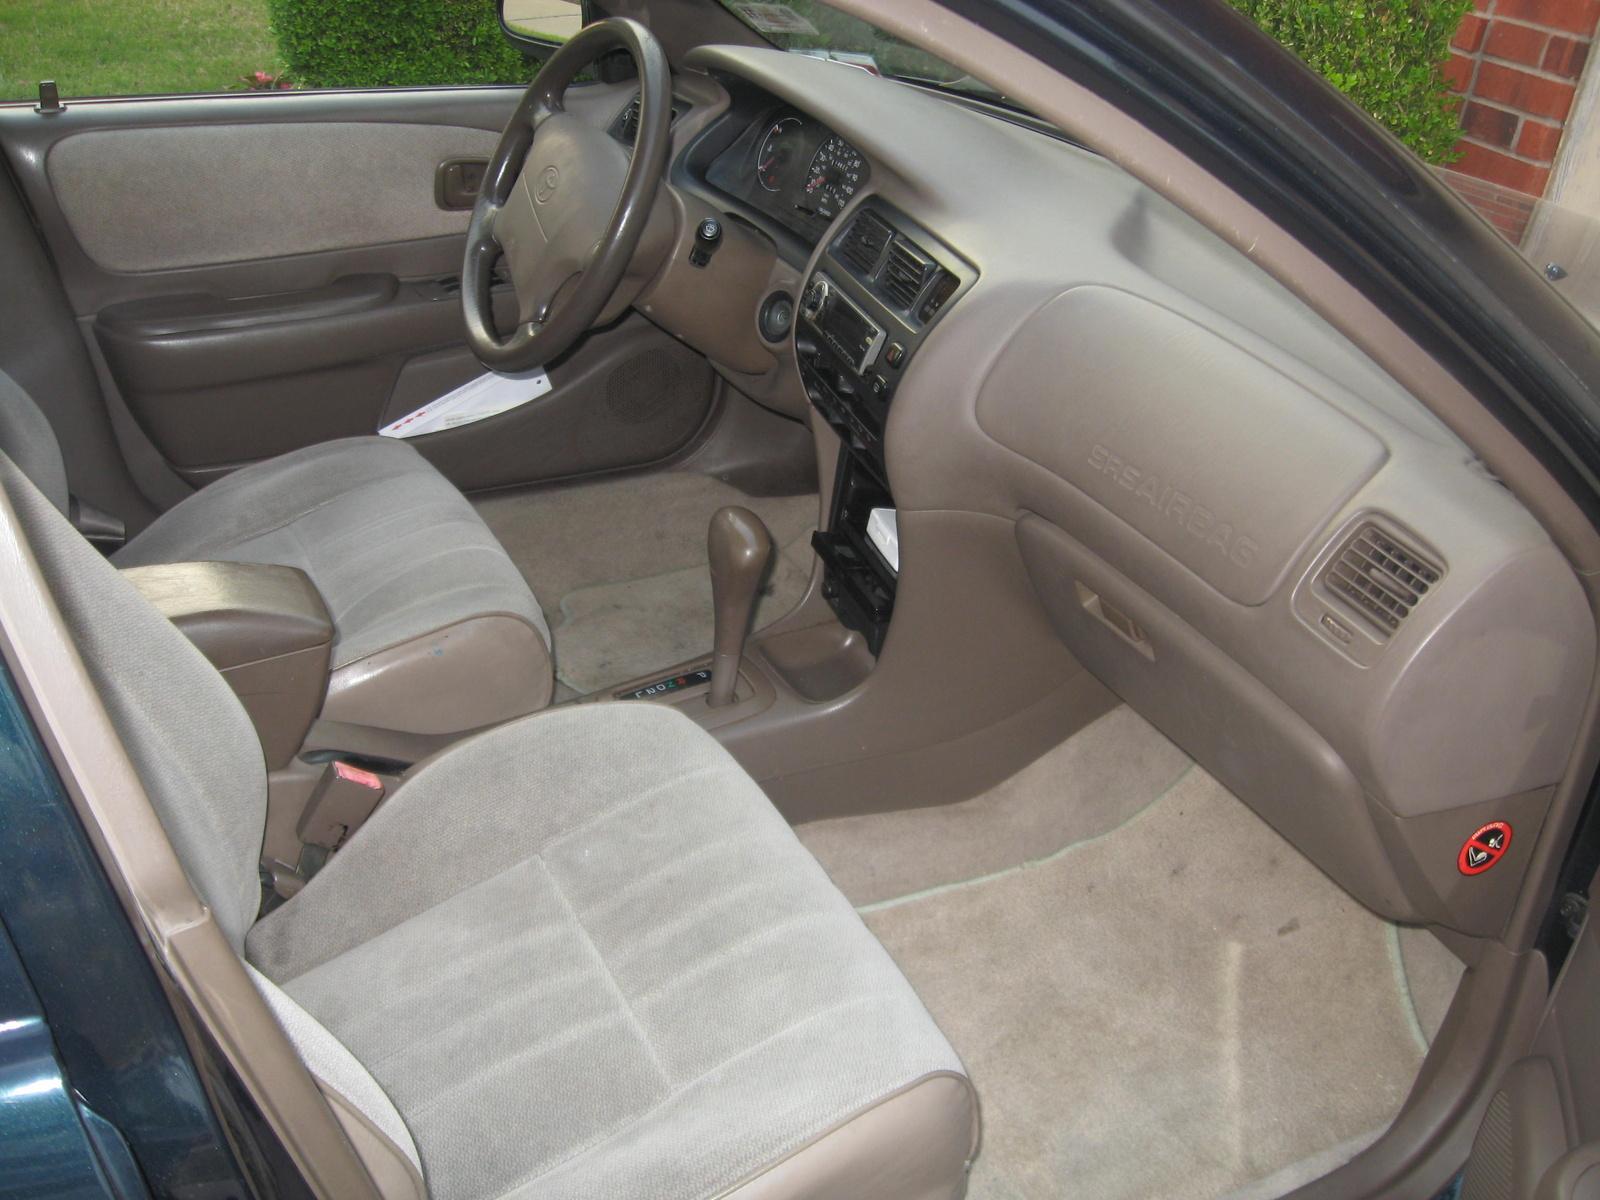 1997 Toyota Corolla Interior Pictures Cargurus